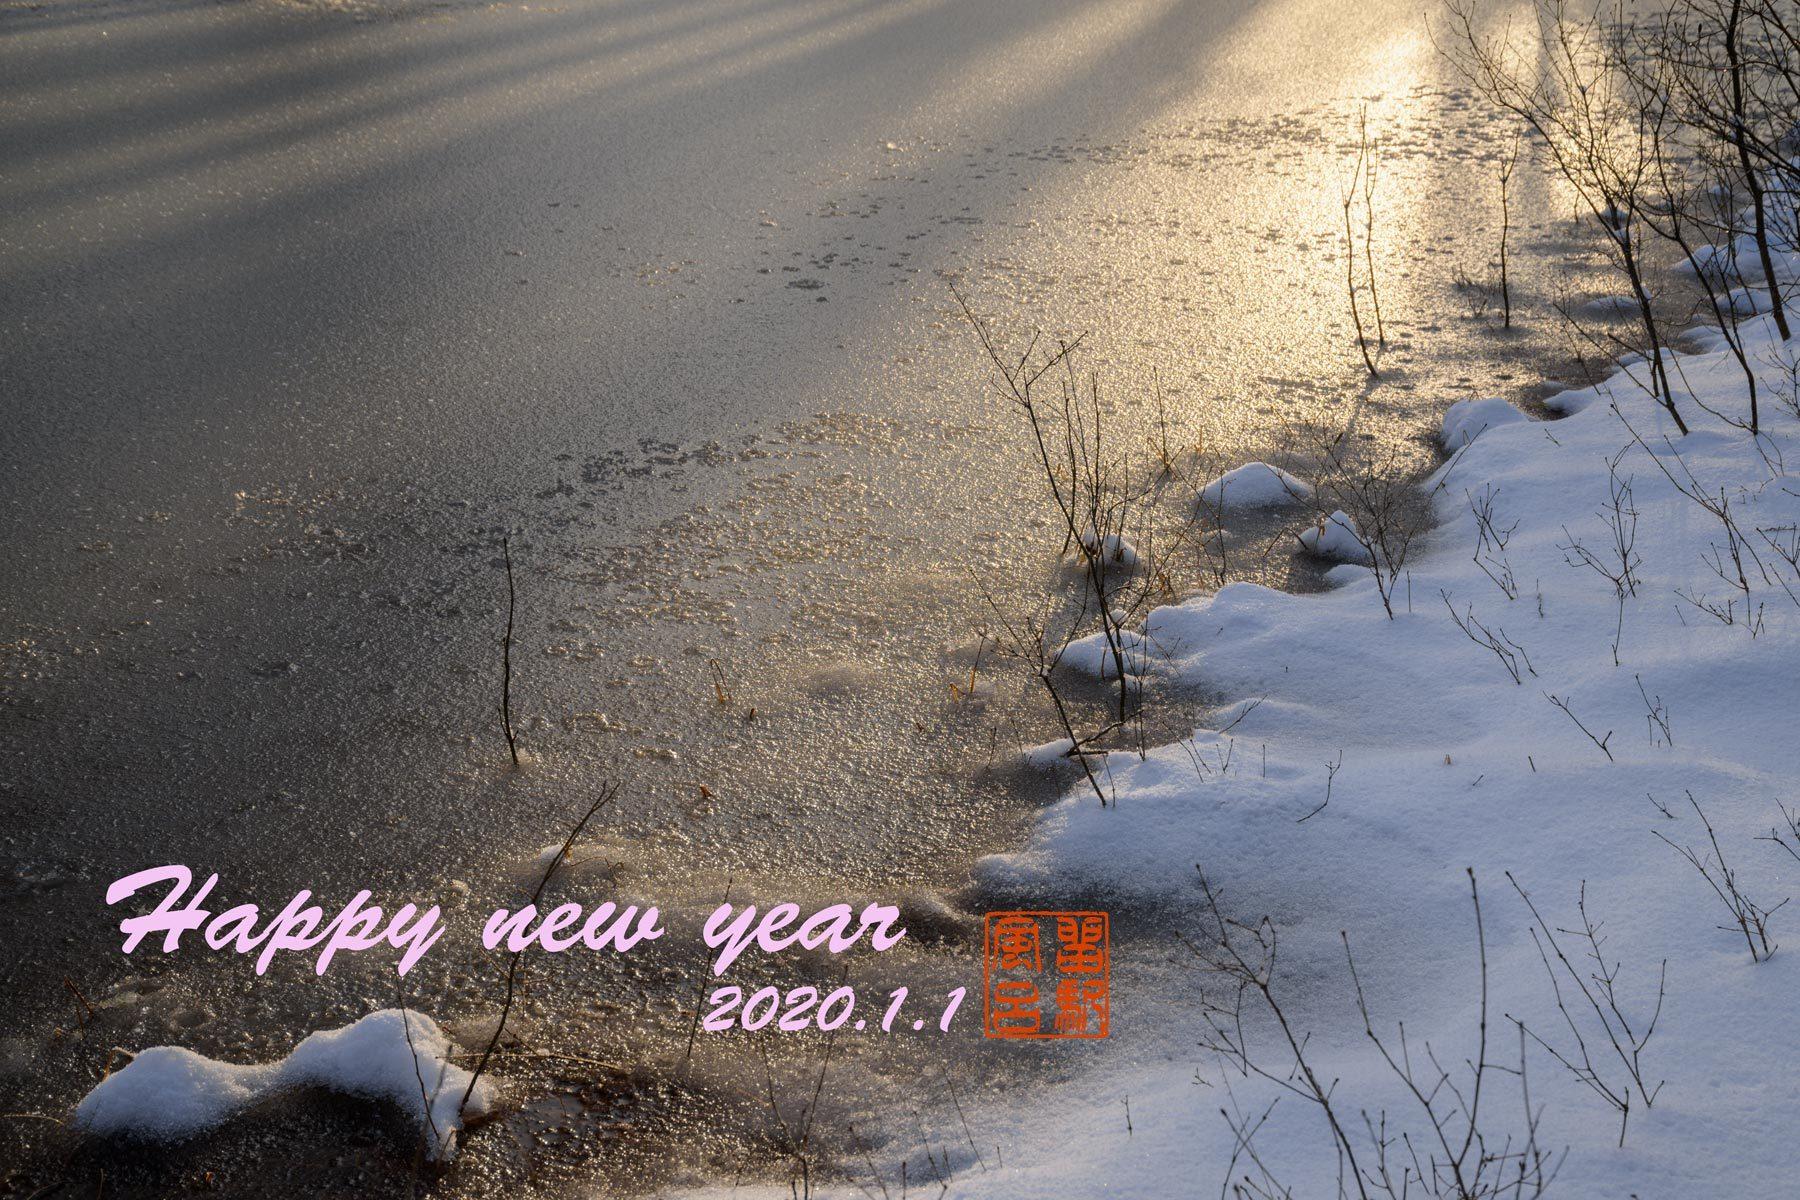 .☆.+:^ヽ(∇^*)o【♪Happy new year 2020♪】o(*^∇)ノ^;+.☆._a0041722_09314030.jpg